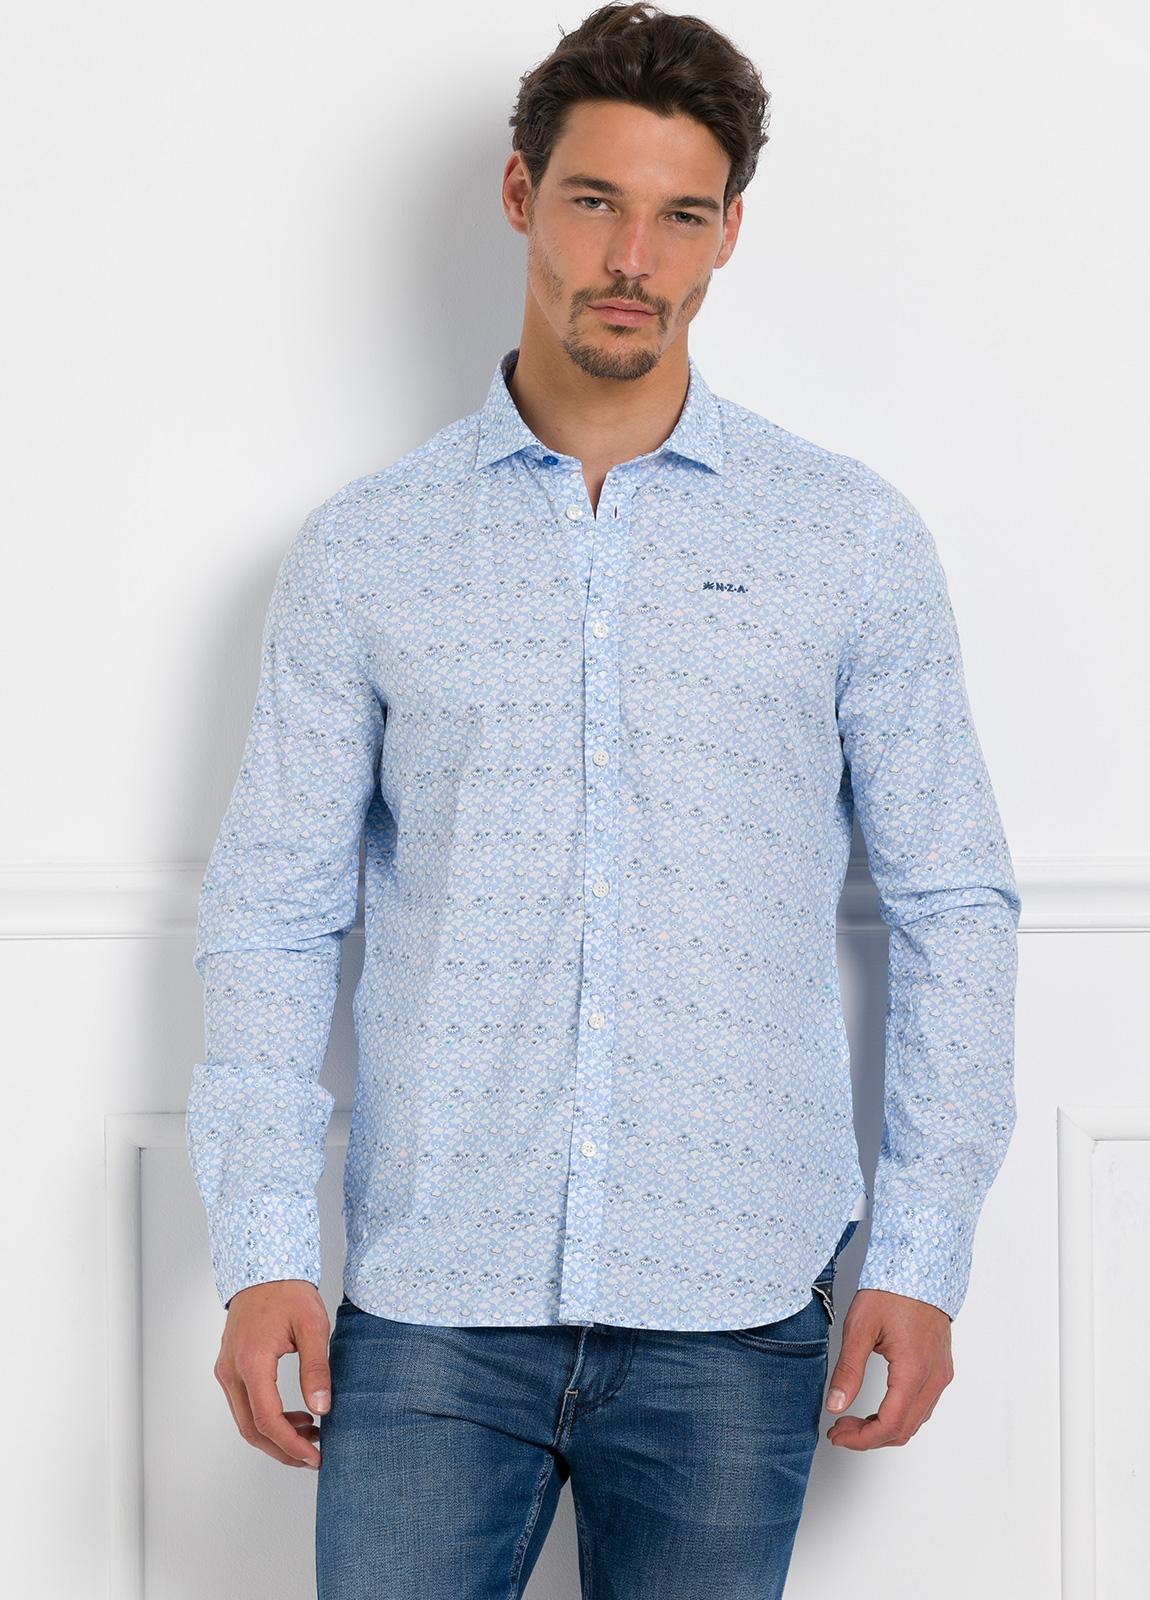 Camisa Sport dibujo color azul celeste, 100% Algodón.